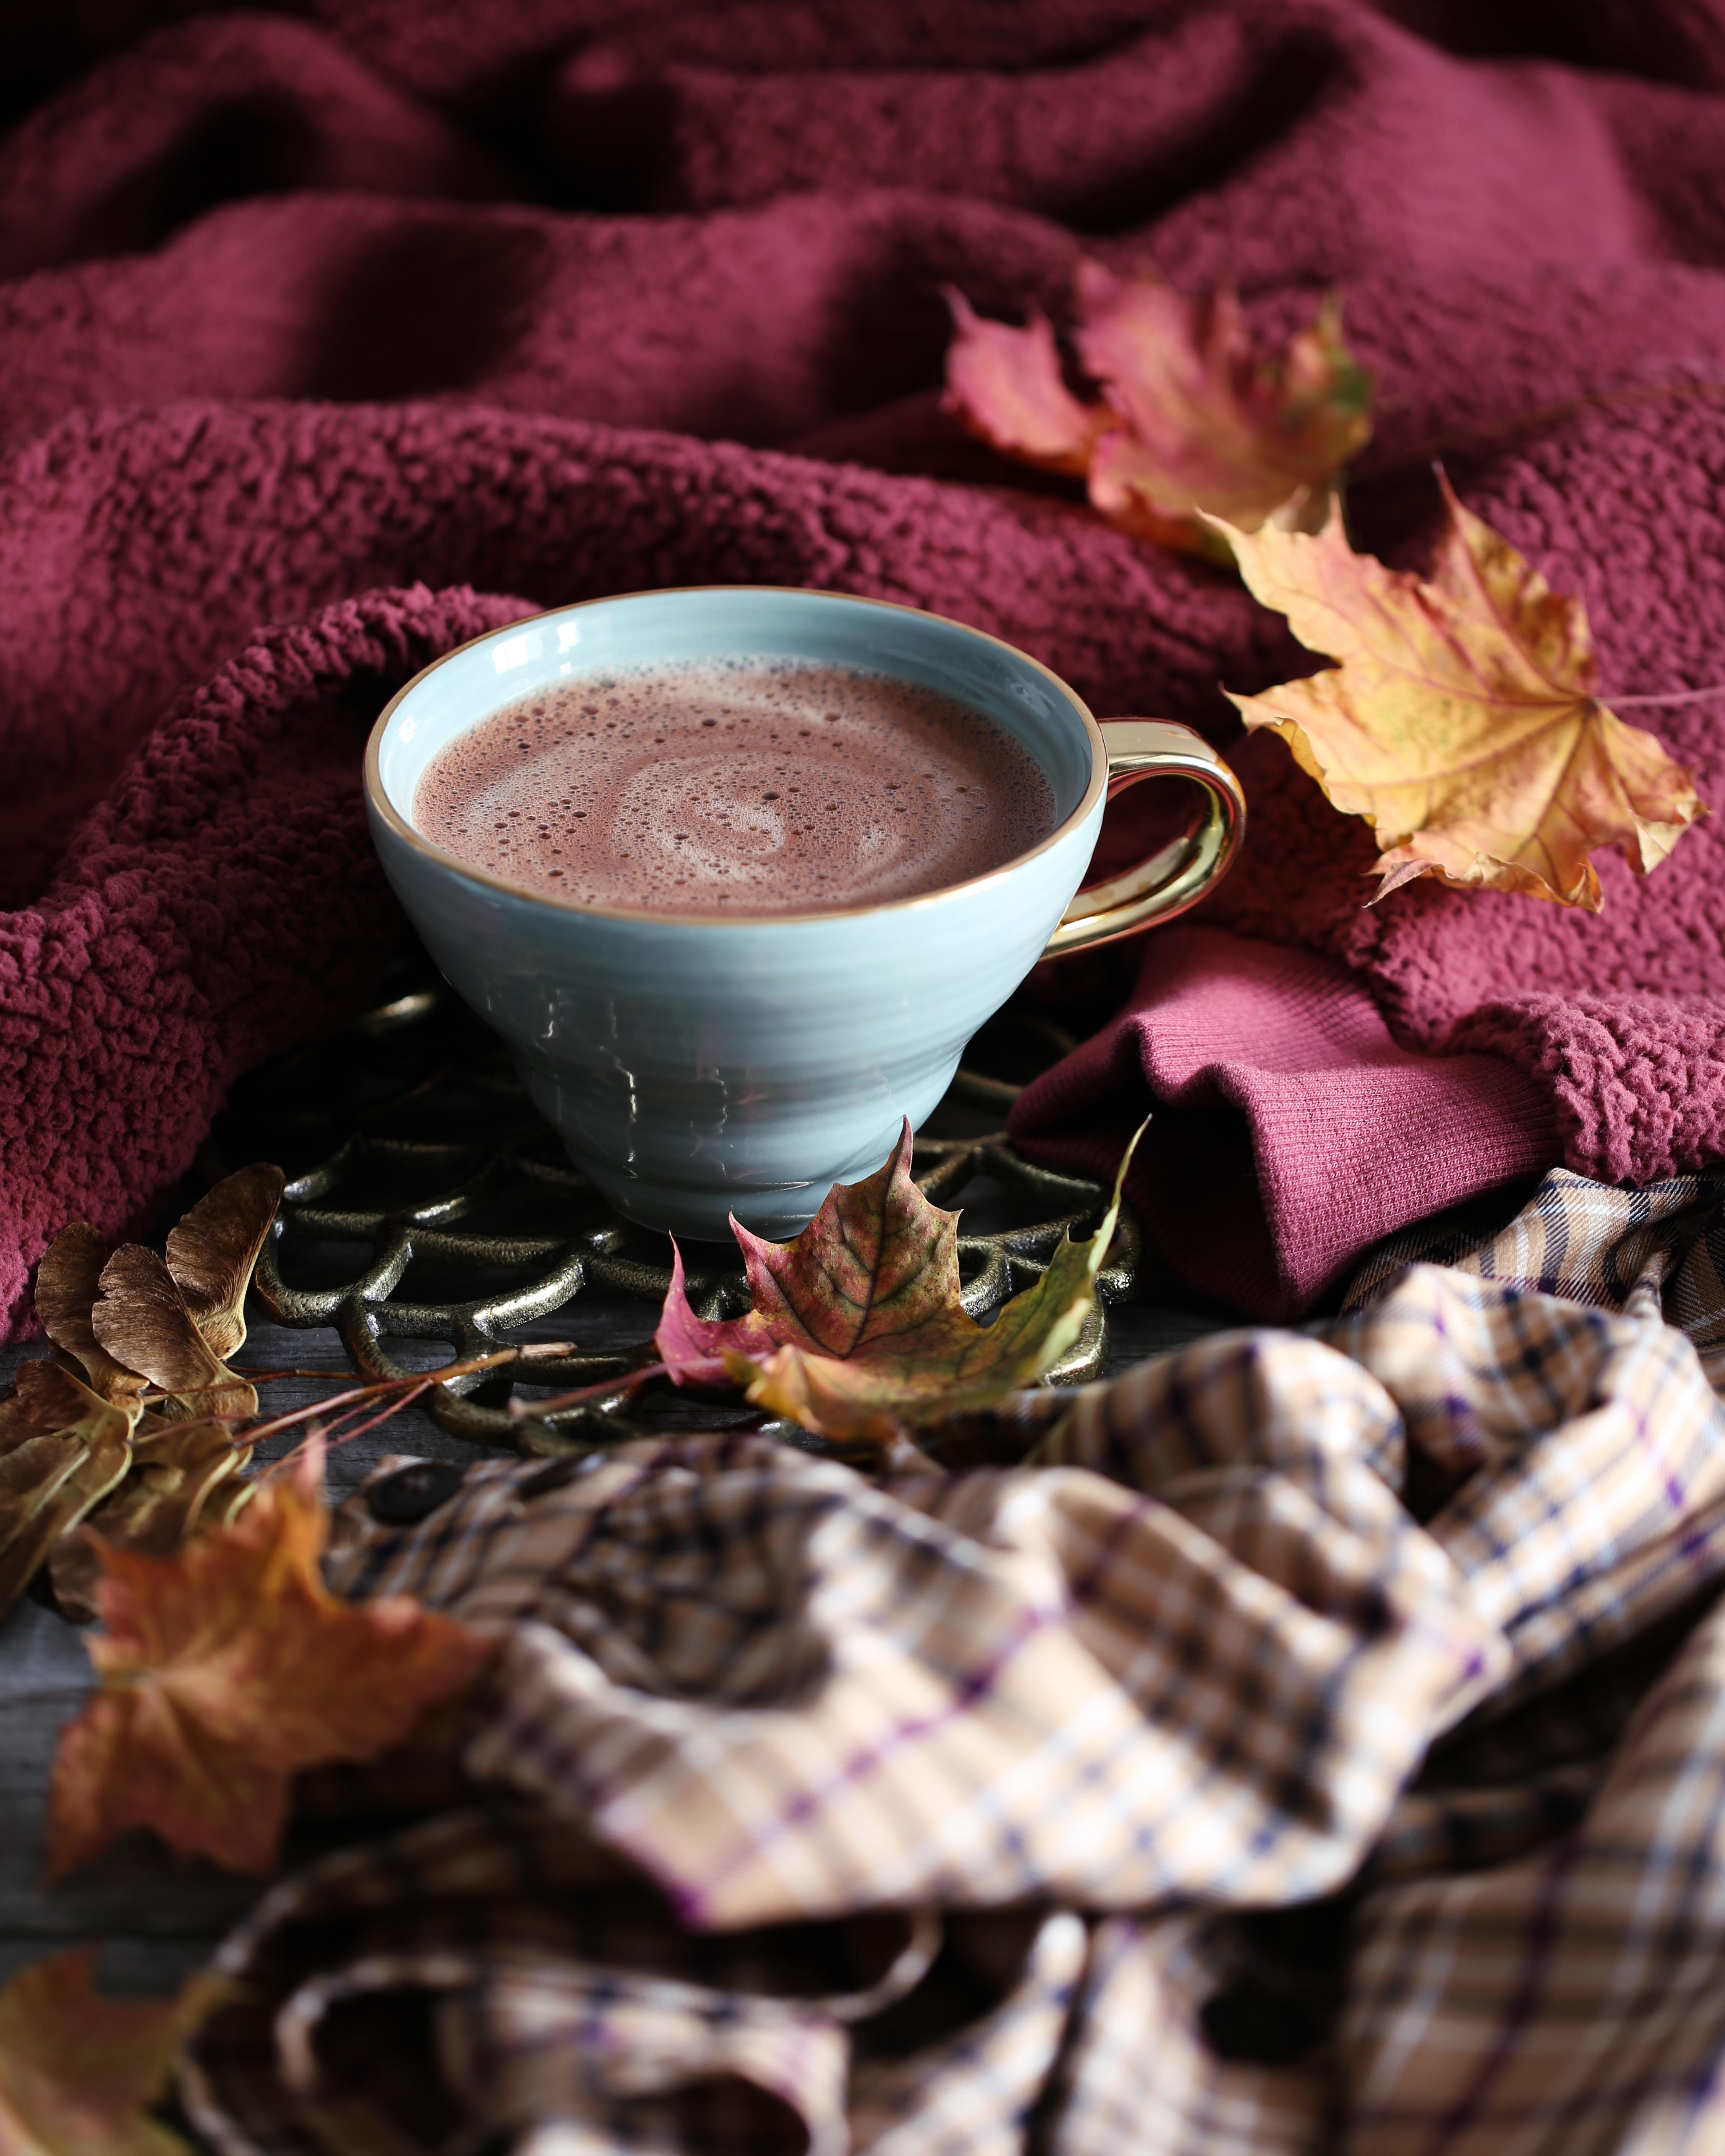 93757 скачать обои Кофе, Осень, Листья, Уют, Еда, Чашка, Пенка - заставки и картинки бесплатно